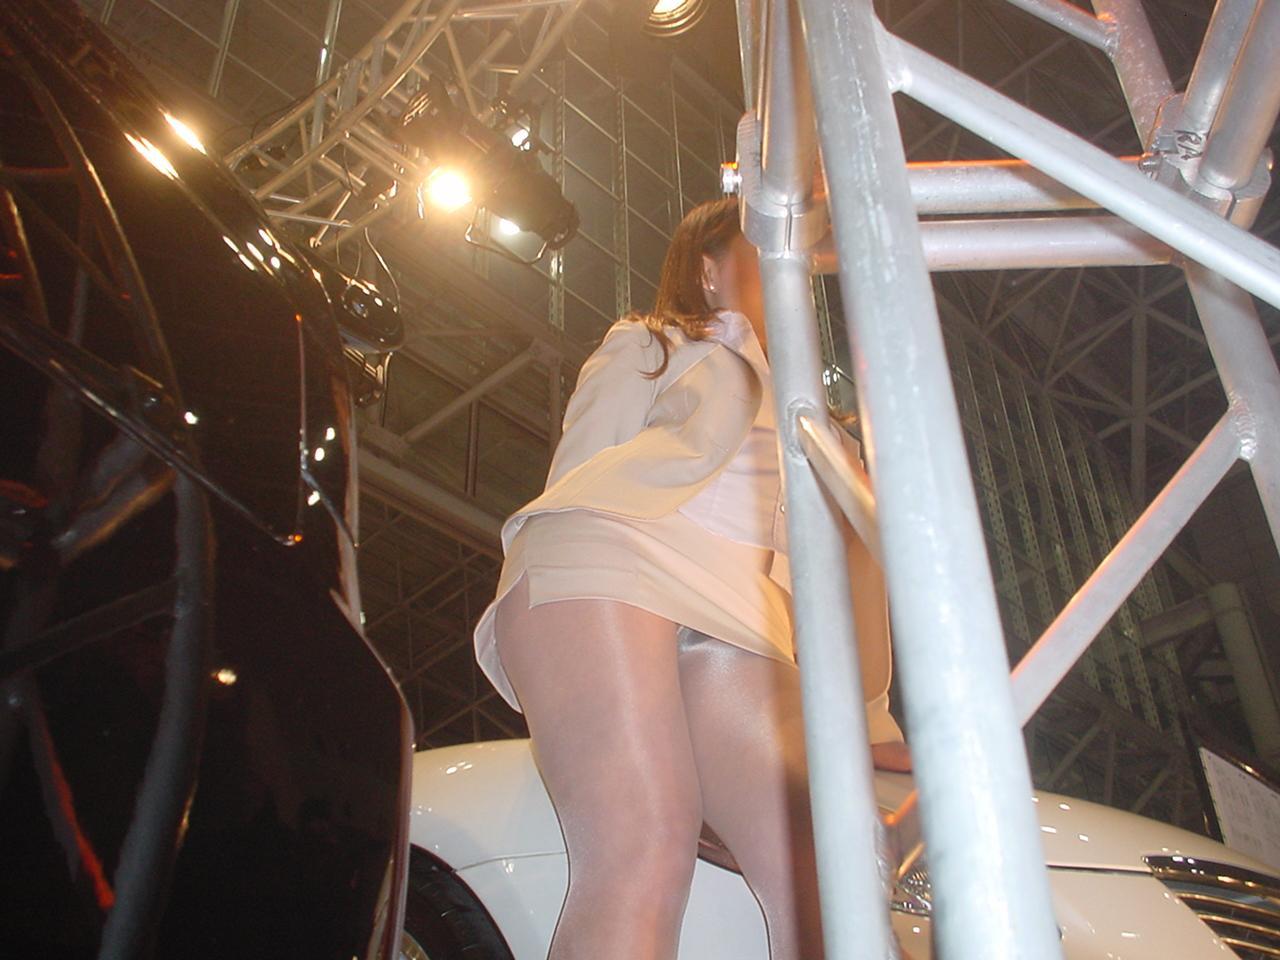 【パンチラ画像】下着じゃないから恥ずかしくない的ノリな美人コンパニオン達www 06